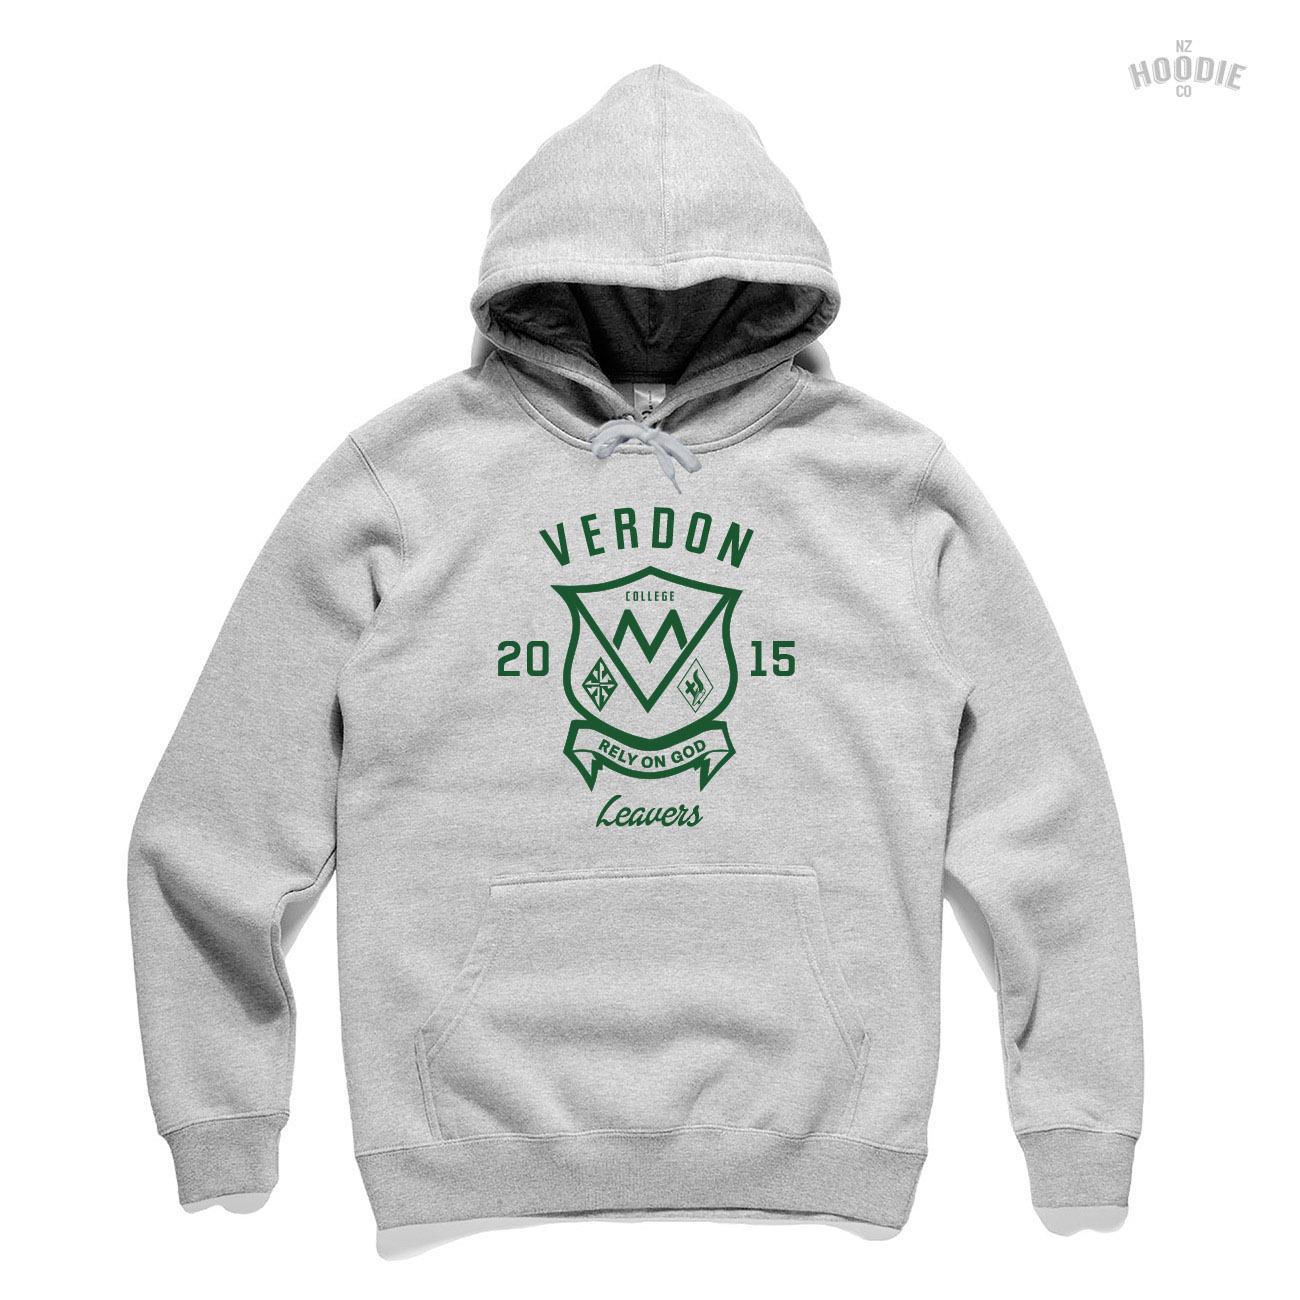 Verdon-College-2015-Leavers-hoodie-grey-front.jpg